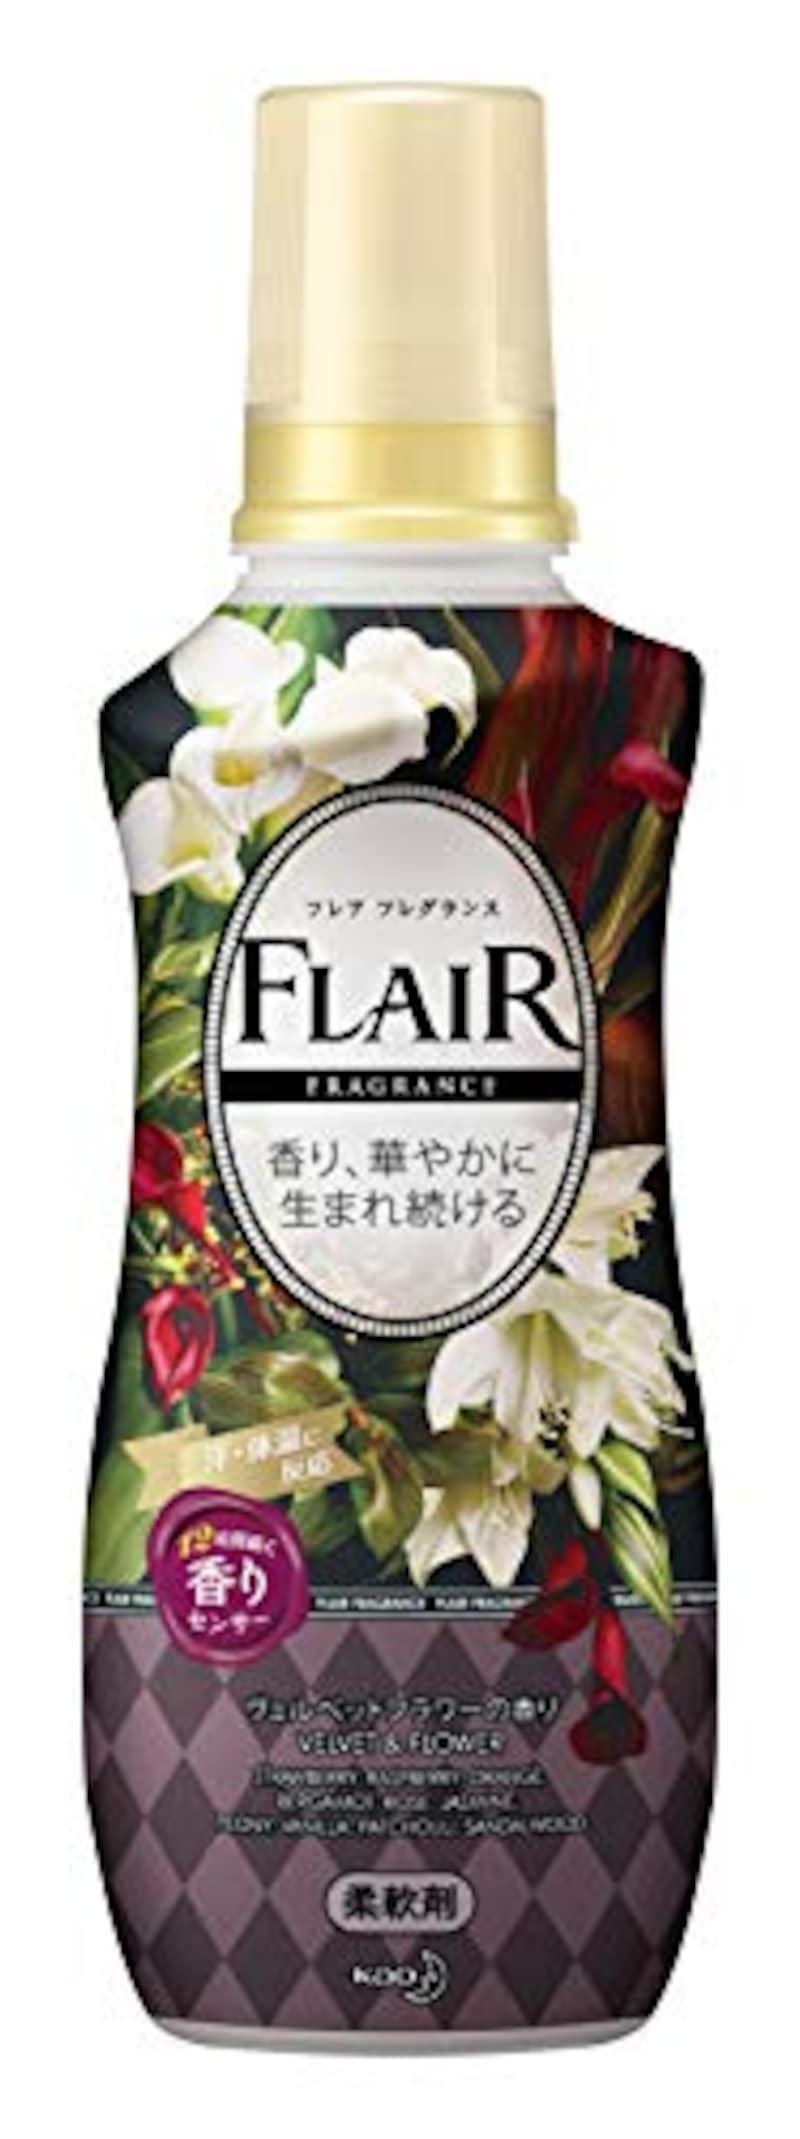 花王(KAO),フレアフレグランス ヴェルベット&フラワーの香り